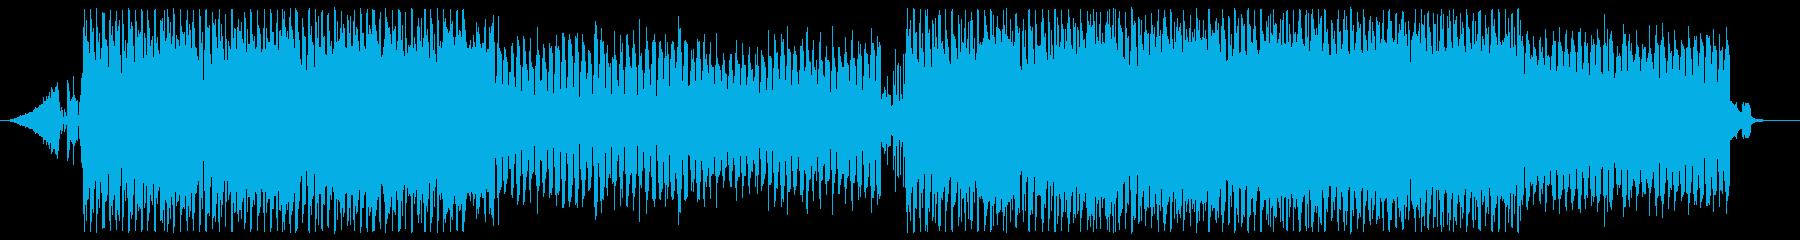 機械的で中毒性のあるゴスっぽいテクノの再生済みの波形